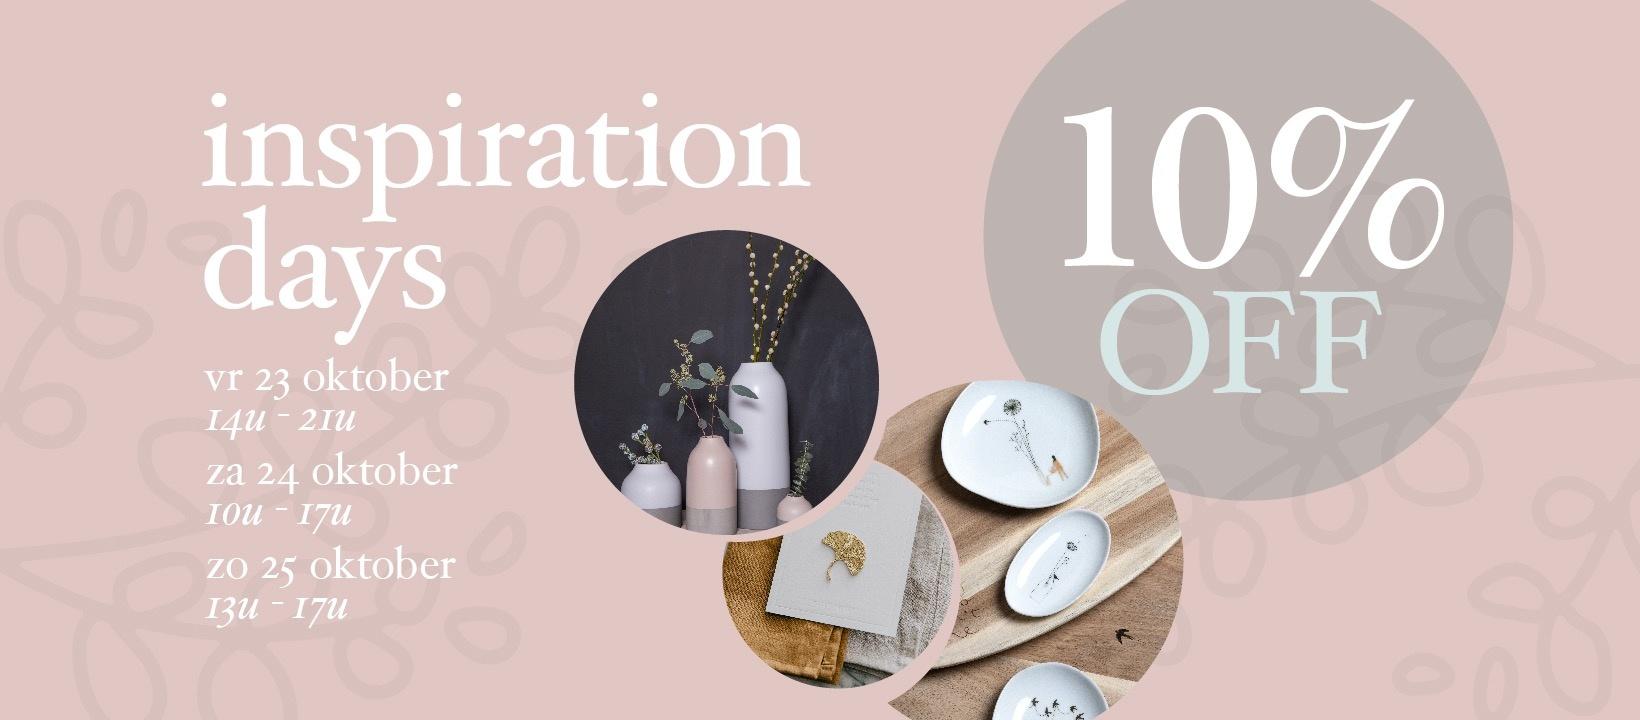 inspirationdays-23-24-25-oktober-2020-lile-en-ville